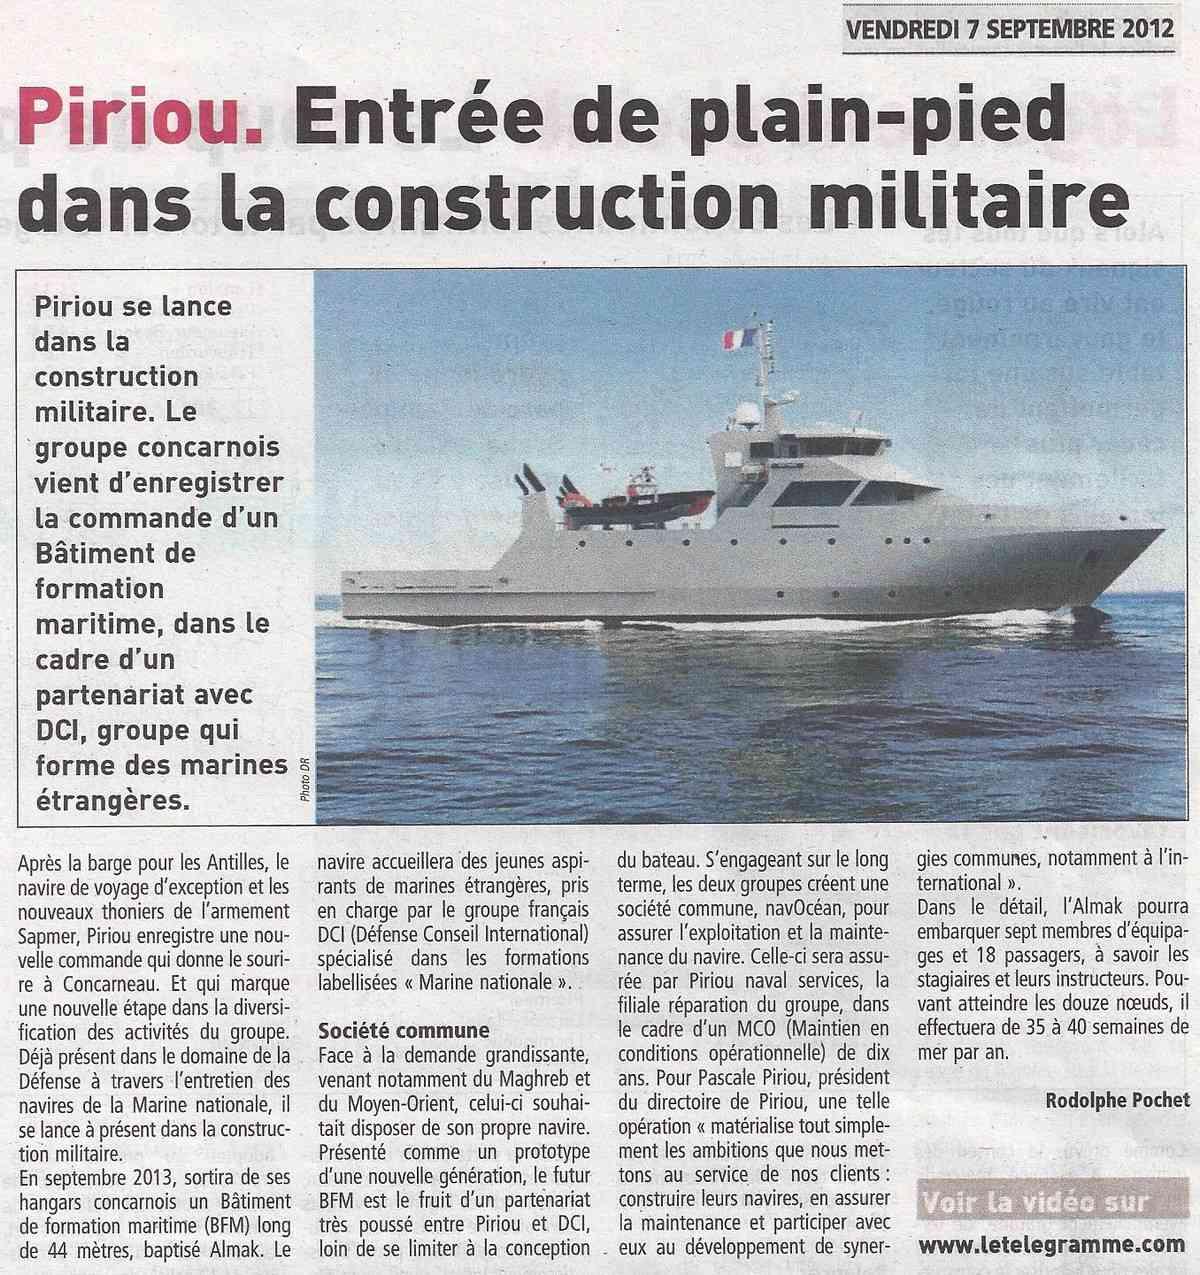 [Vie des ports] LE PORT DE CONCARNEAU - Volume 005 - Page 6 2120